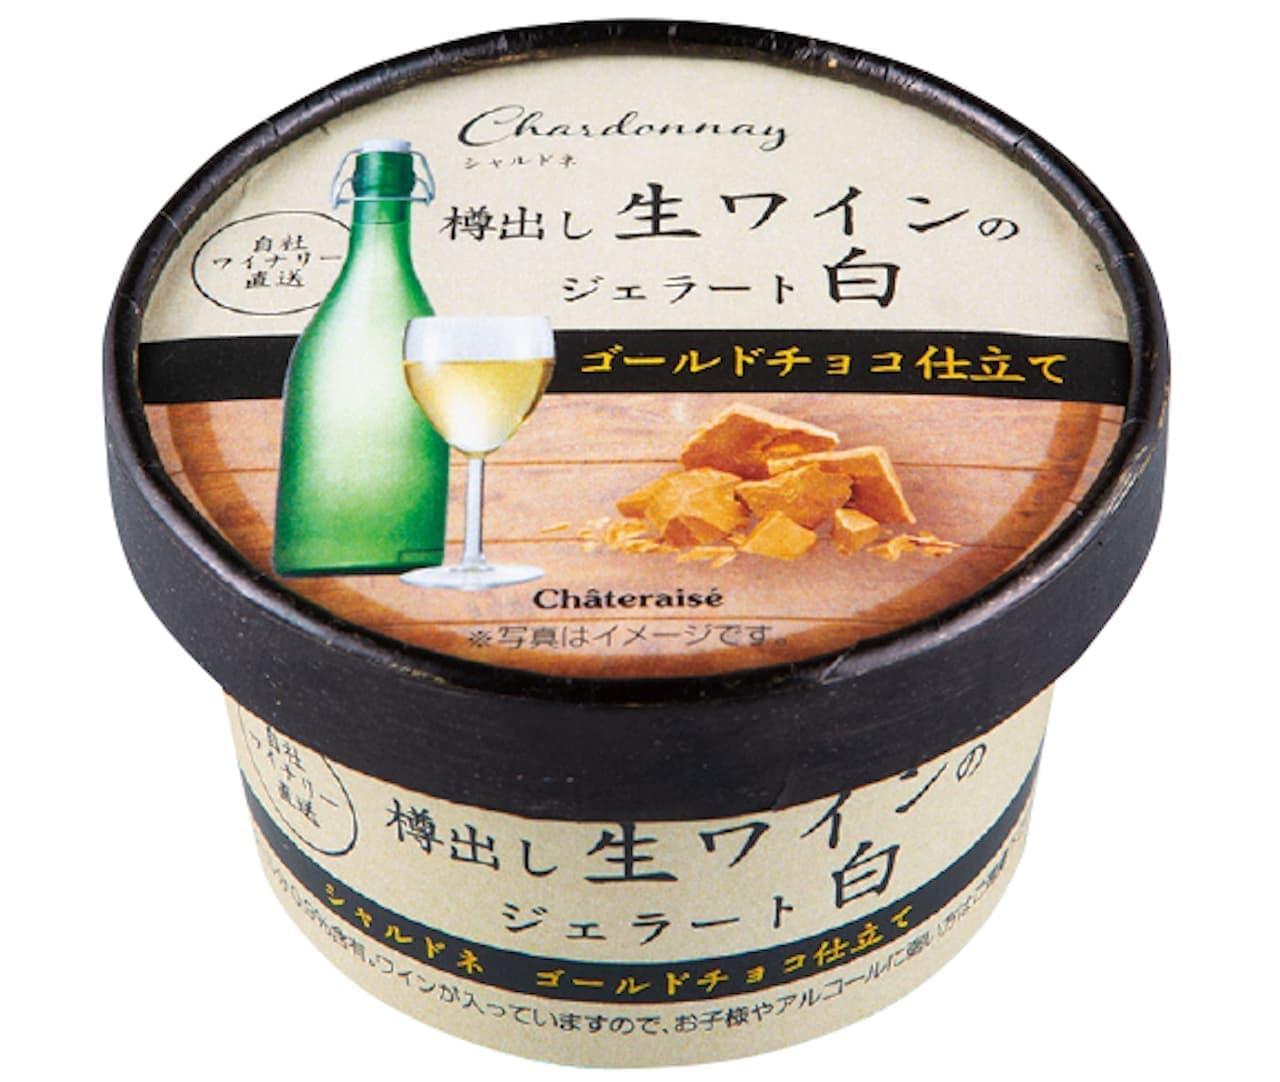 シャトレーゼ「樽出し生ワインのジェラート白 ゴールドチョコ仕立て」